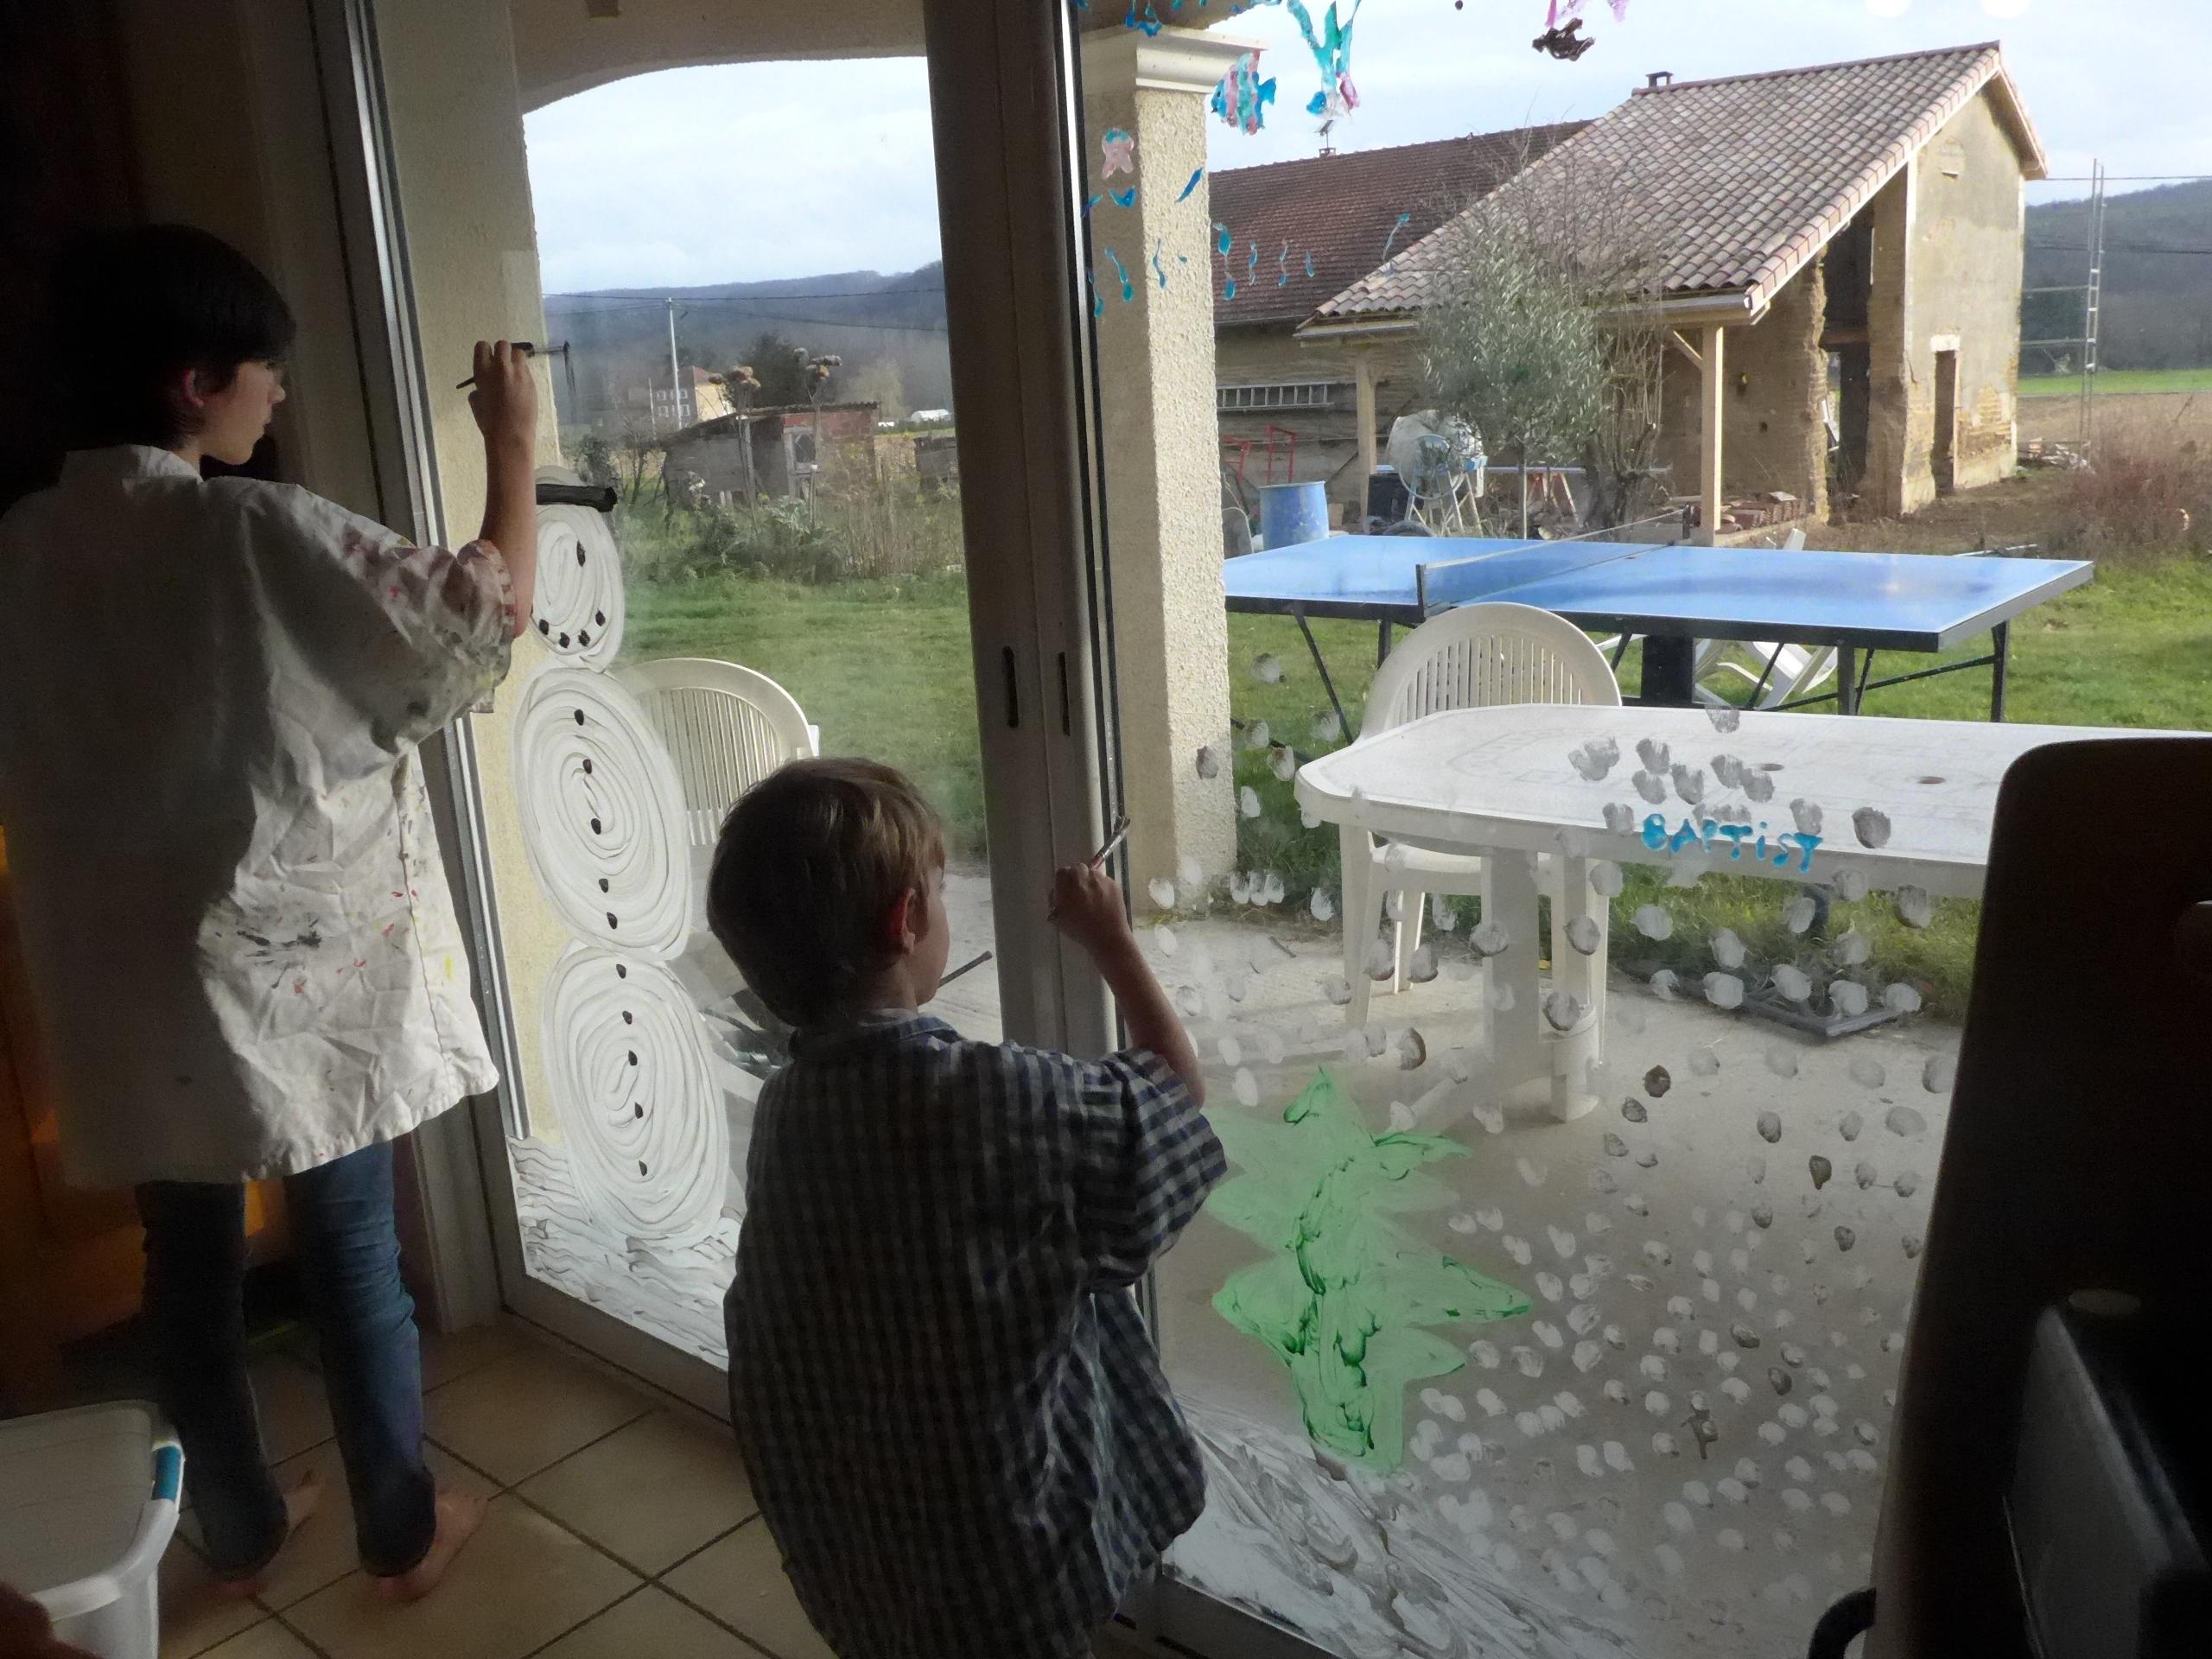 Peindre sur les vitres des d cors de no l activit s la - Peindre sur une vitre ...